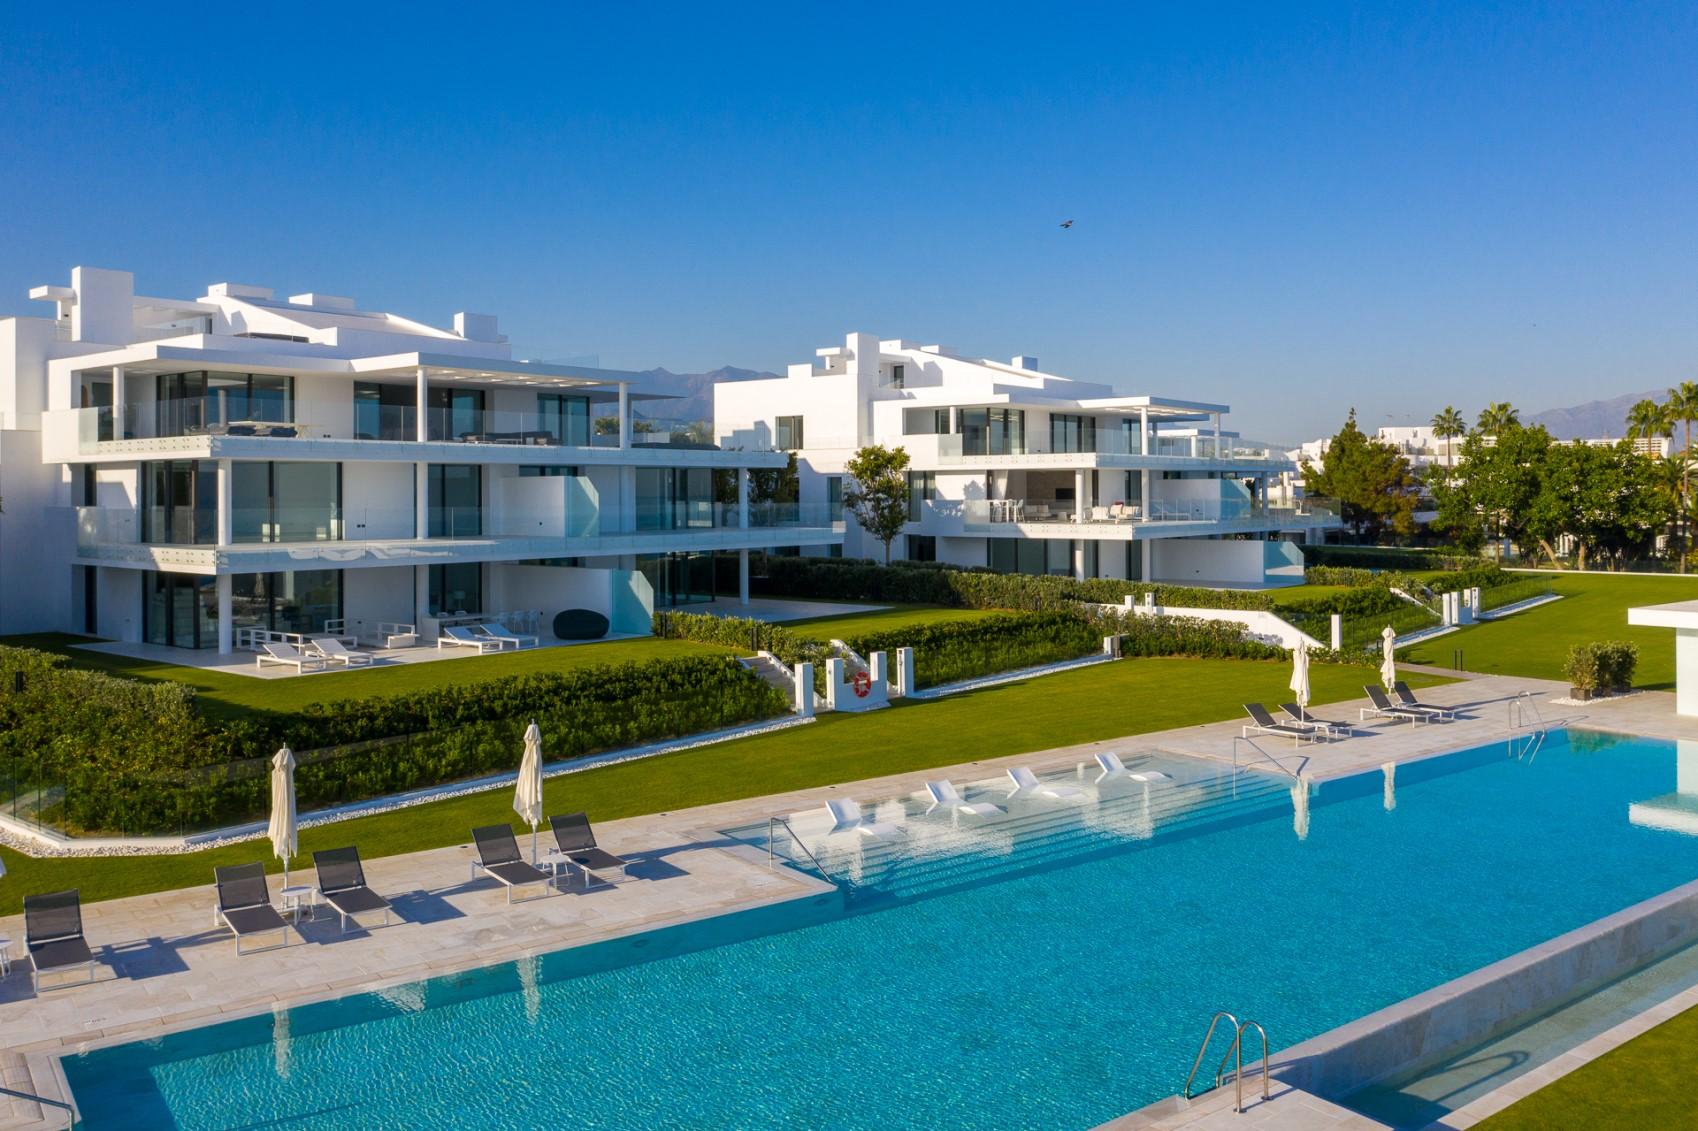 luxe-verhuurwoningen-marbella